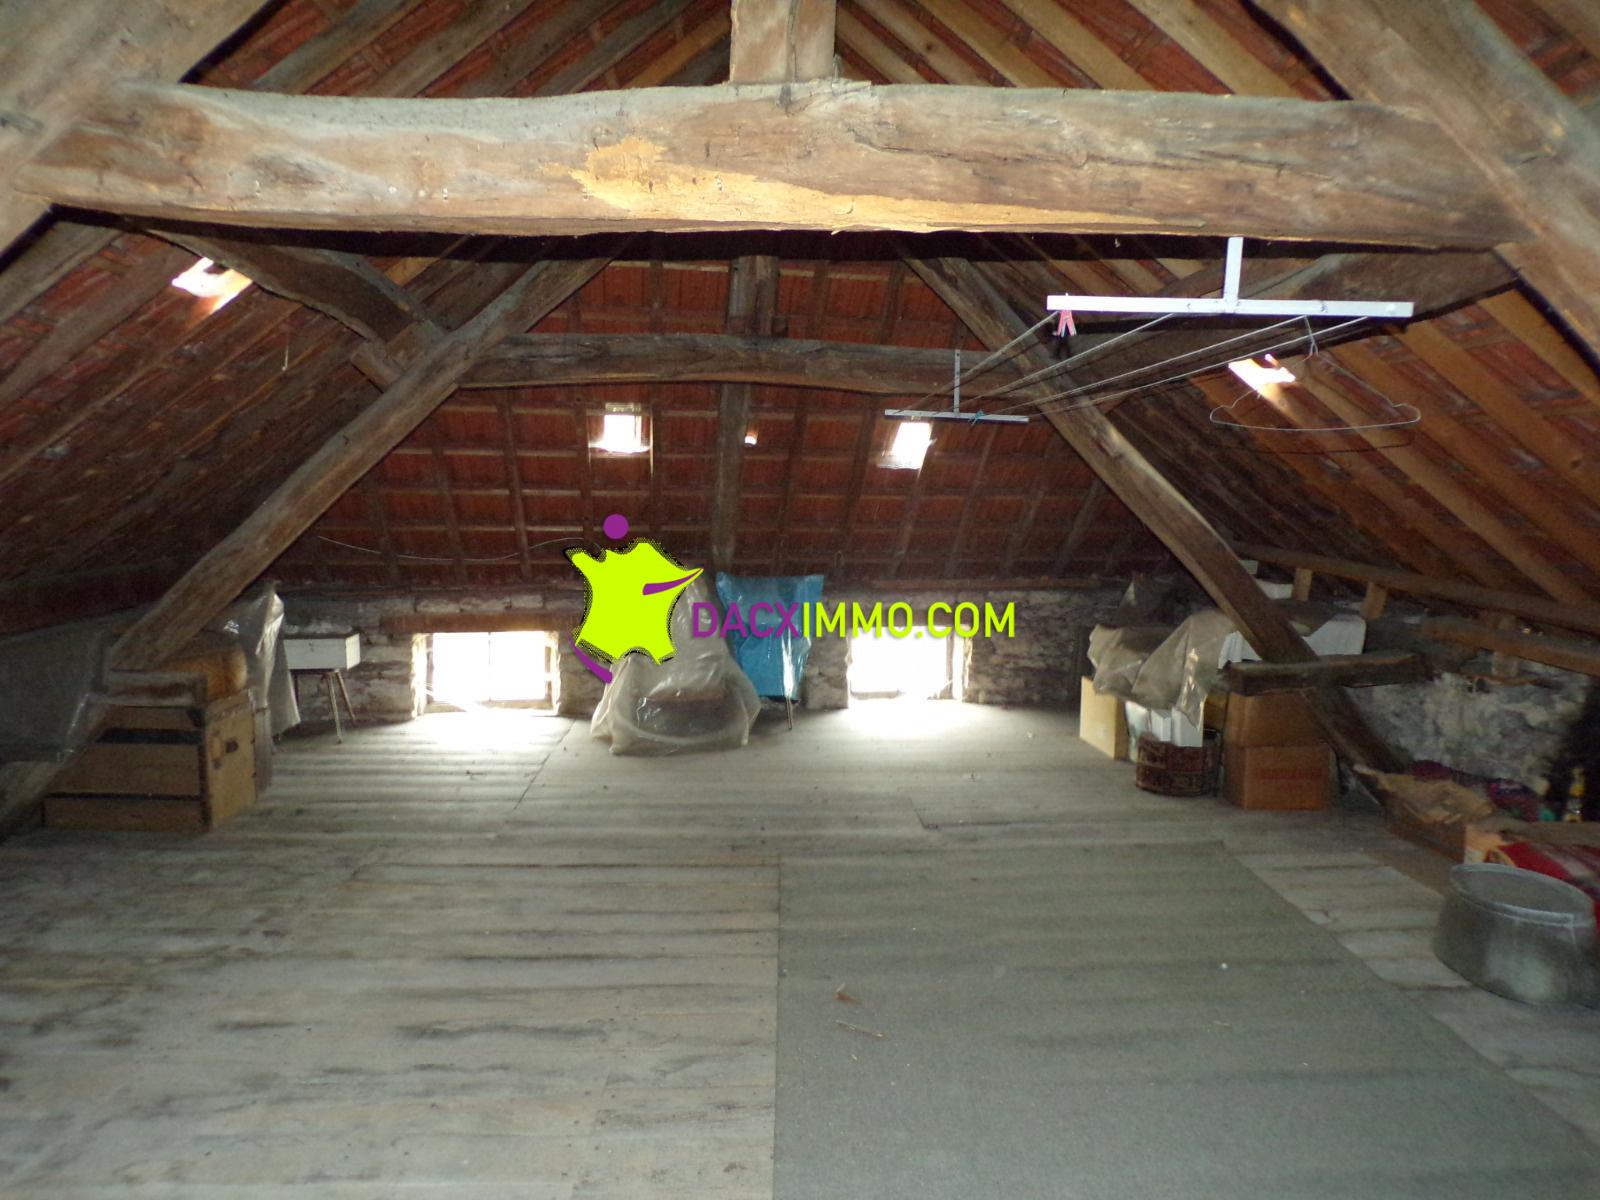 Vente maison avec grenier am nageable for Agrandissement maison grenier